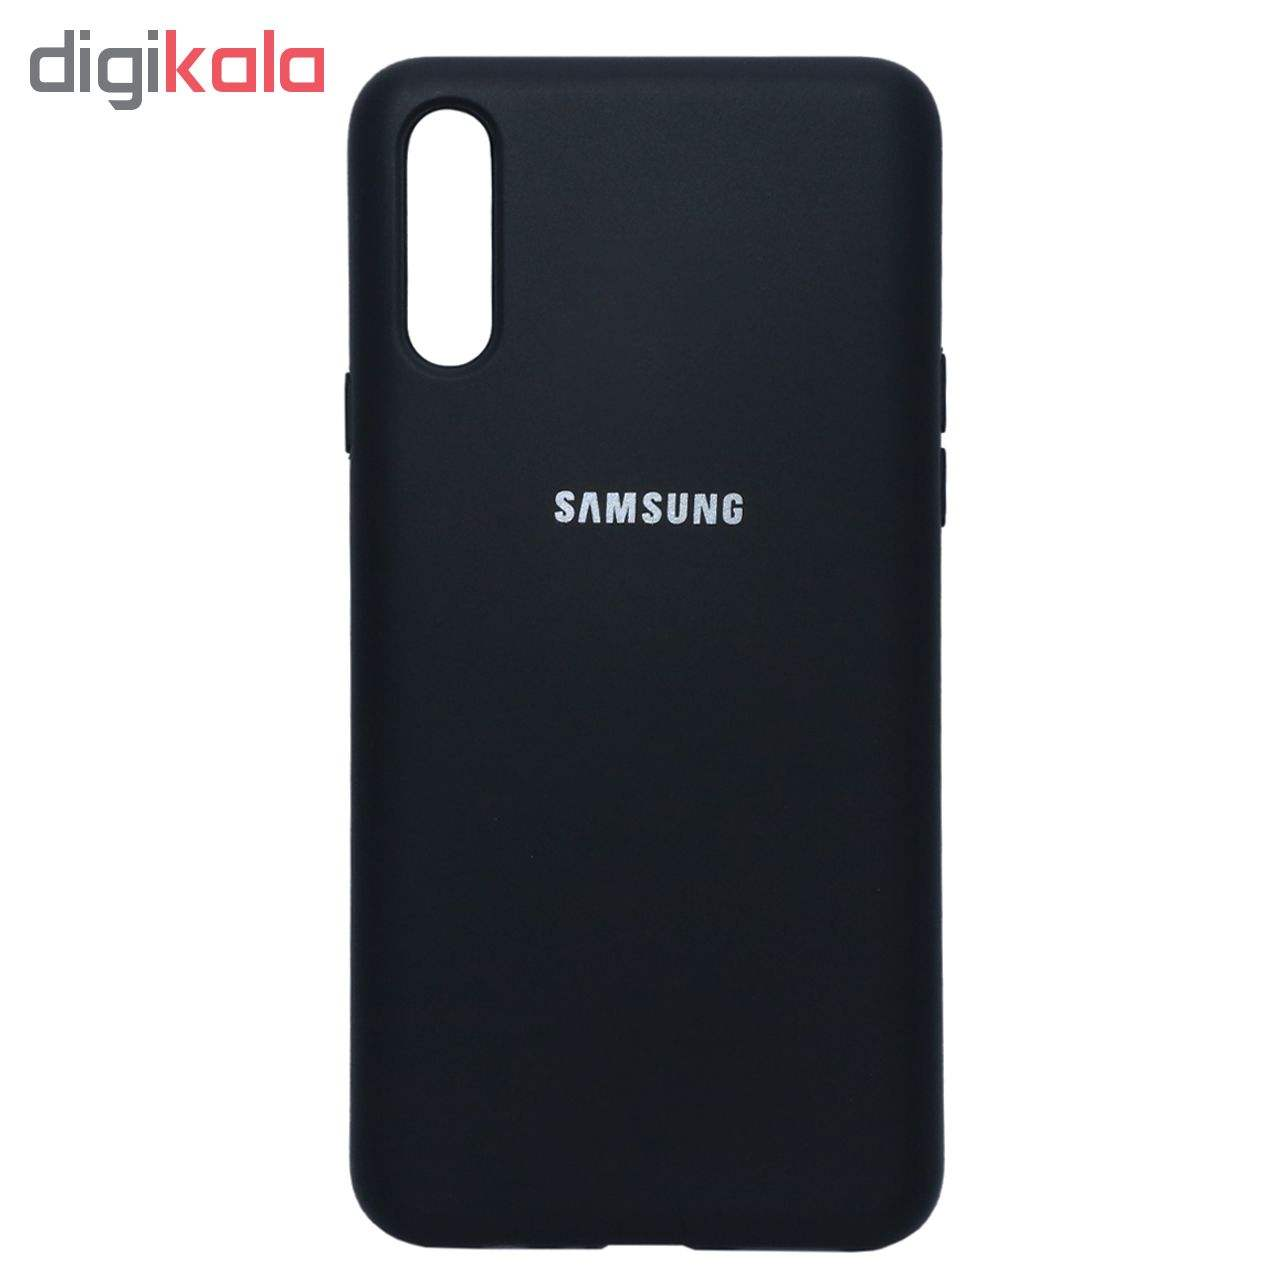 کاور مدل Sic-001 مناسب برای گوشی موبایل سامسونگ Galaxy A50/A30s/A50s